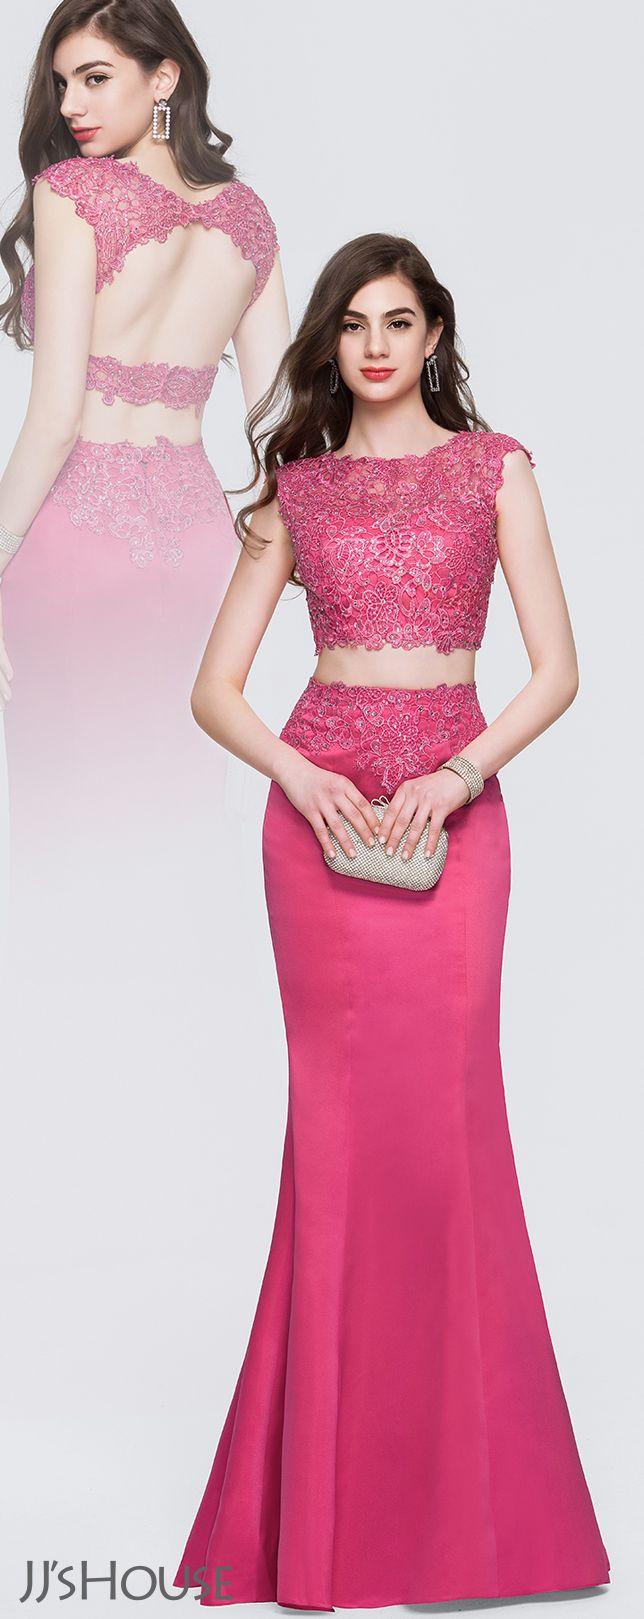 Trumpetmermaid scoop neck floorlength satin prom dresses with